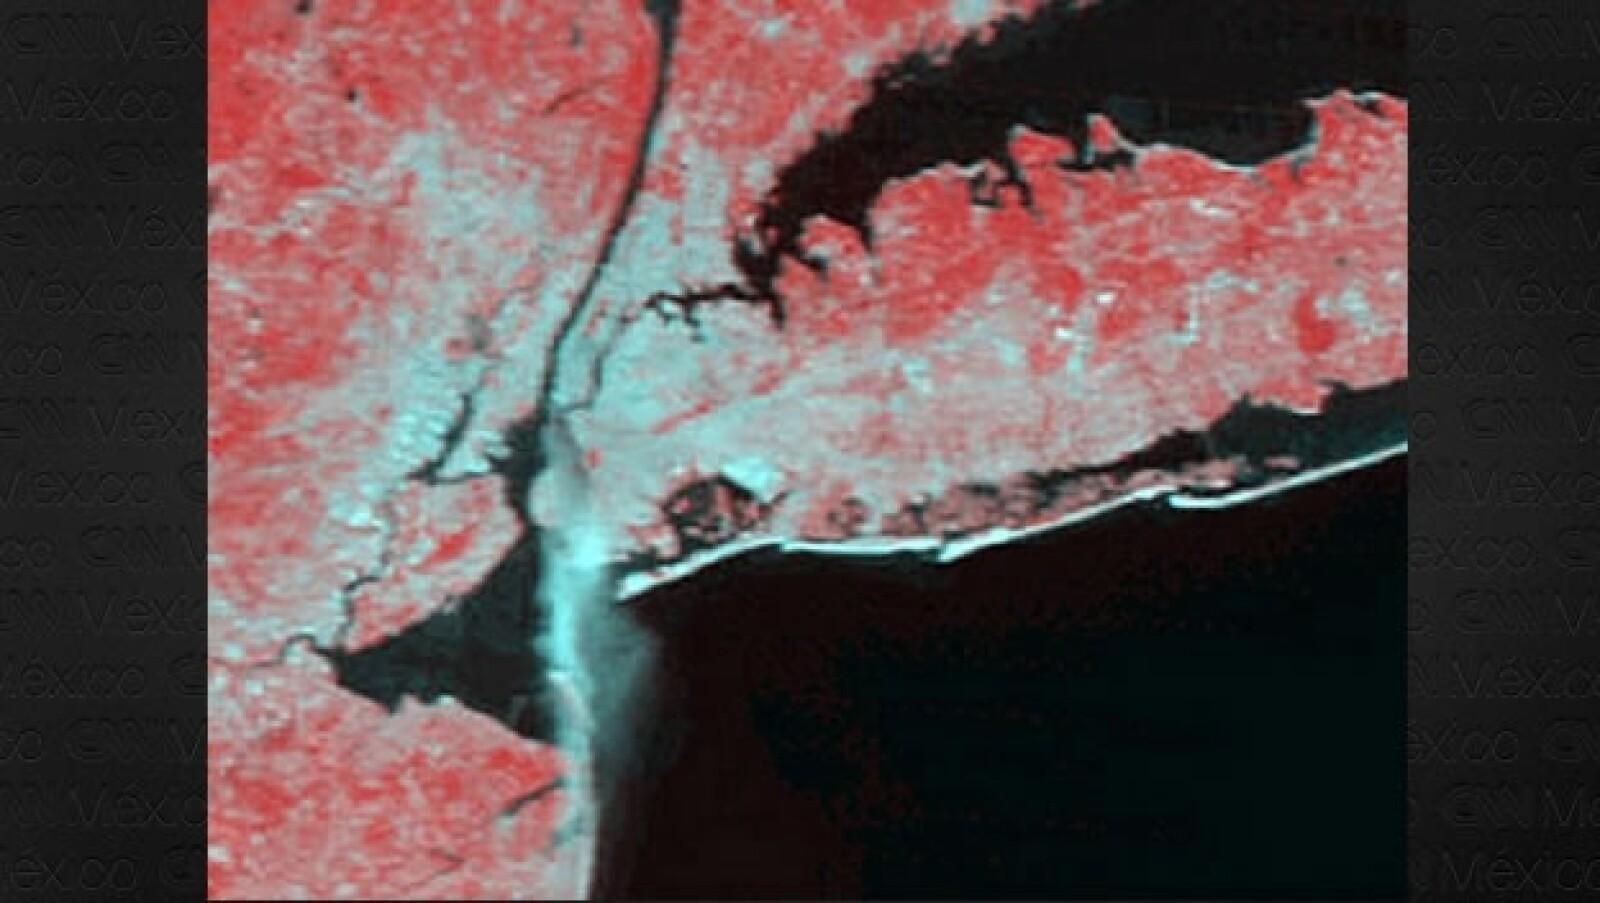 11s 911 11 septiembre ny torres gemelas